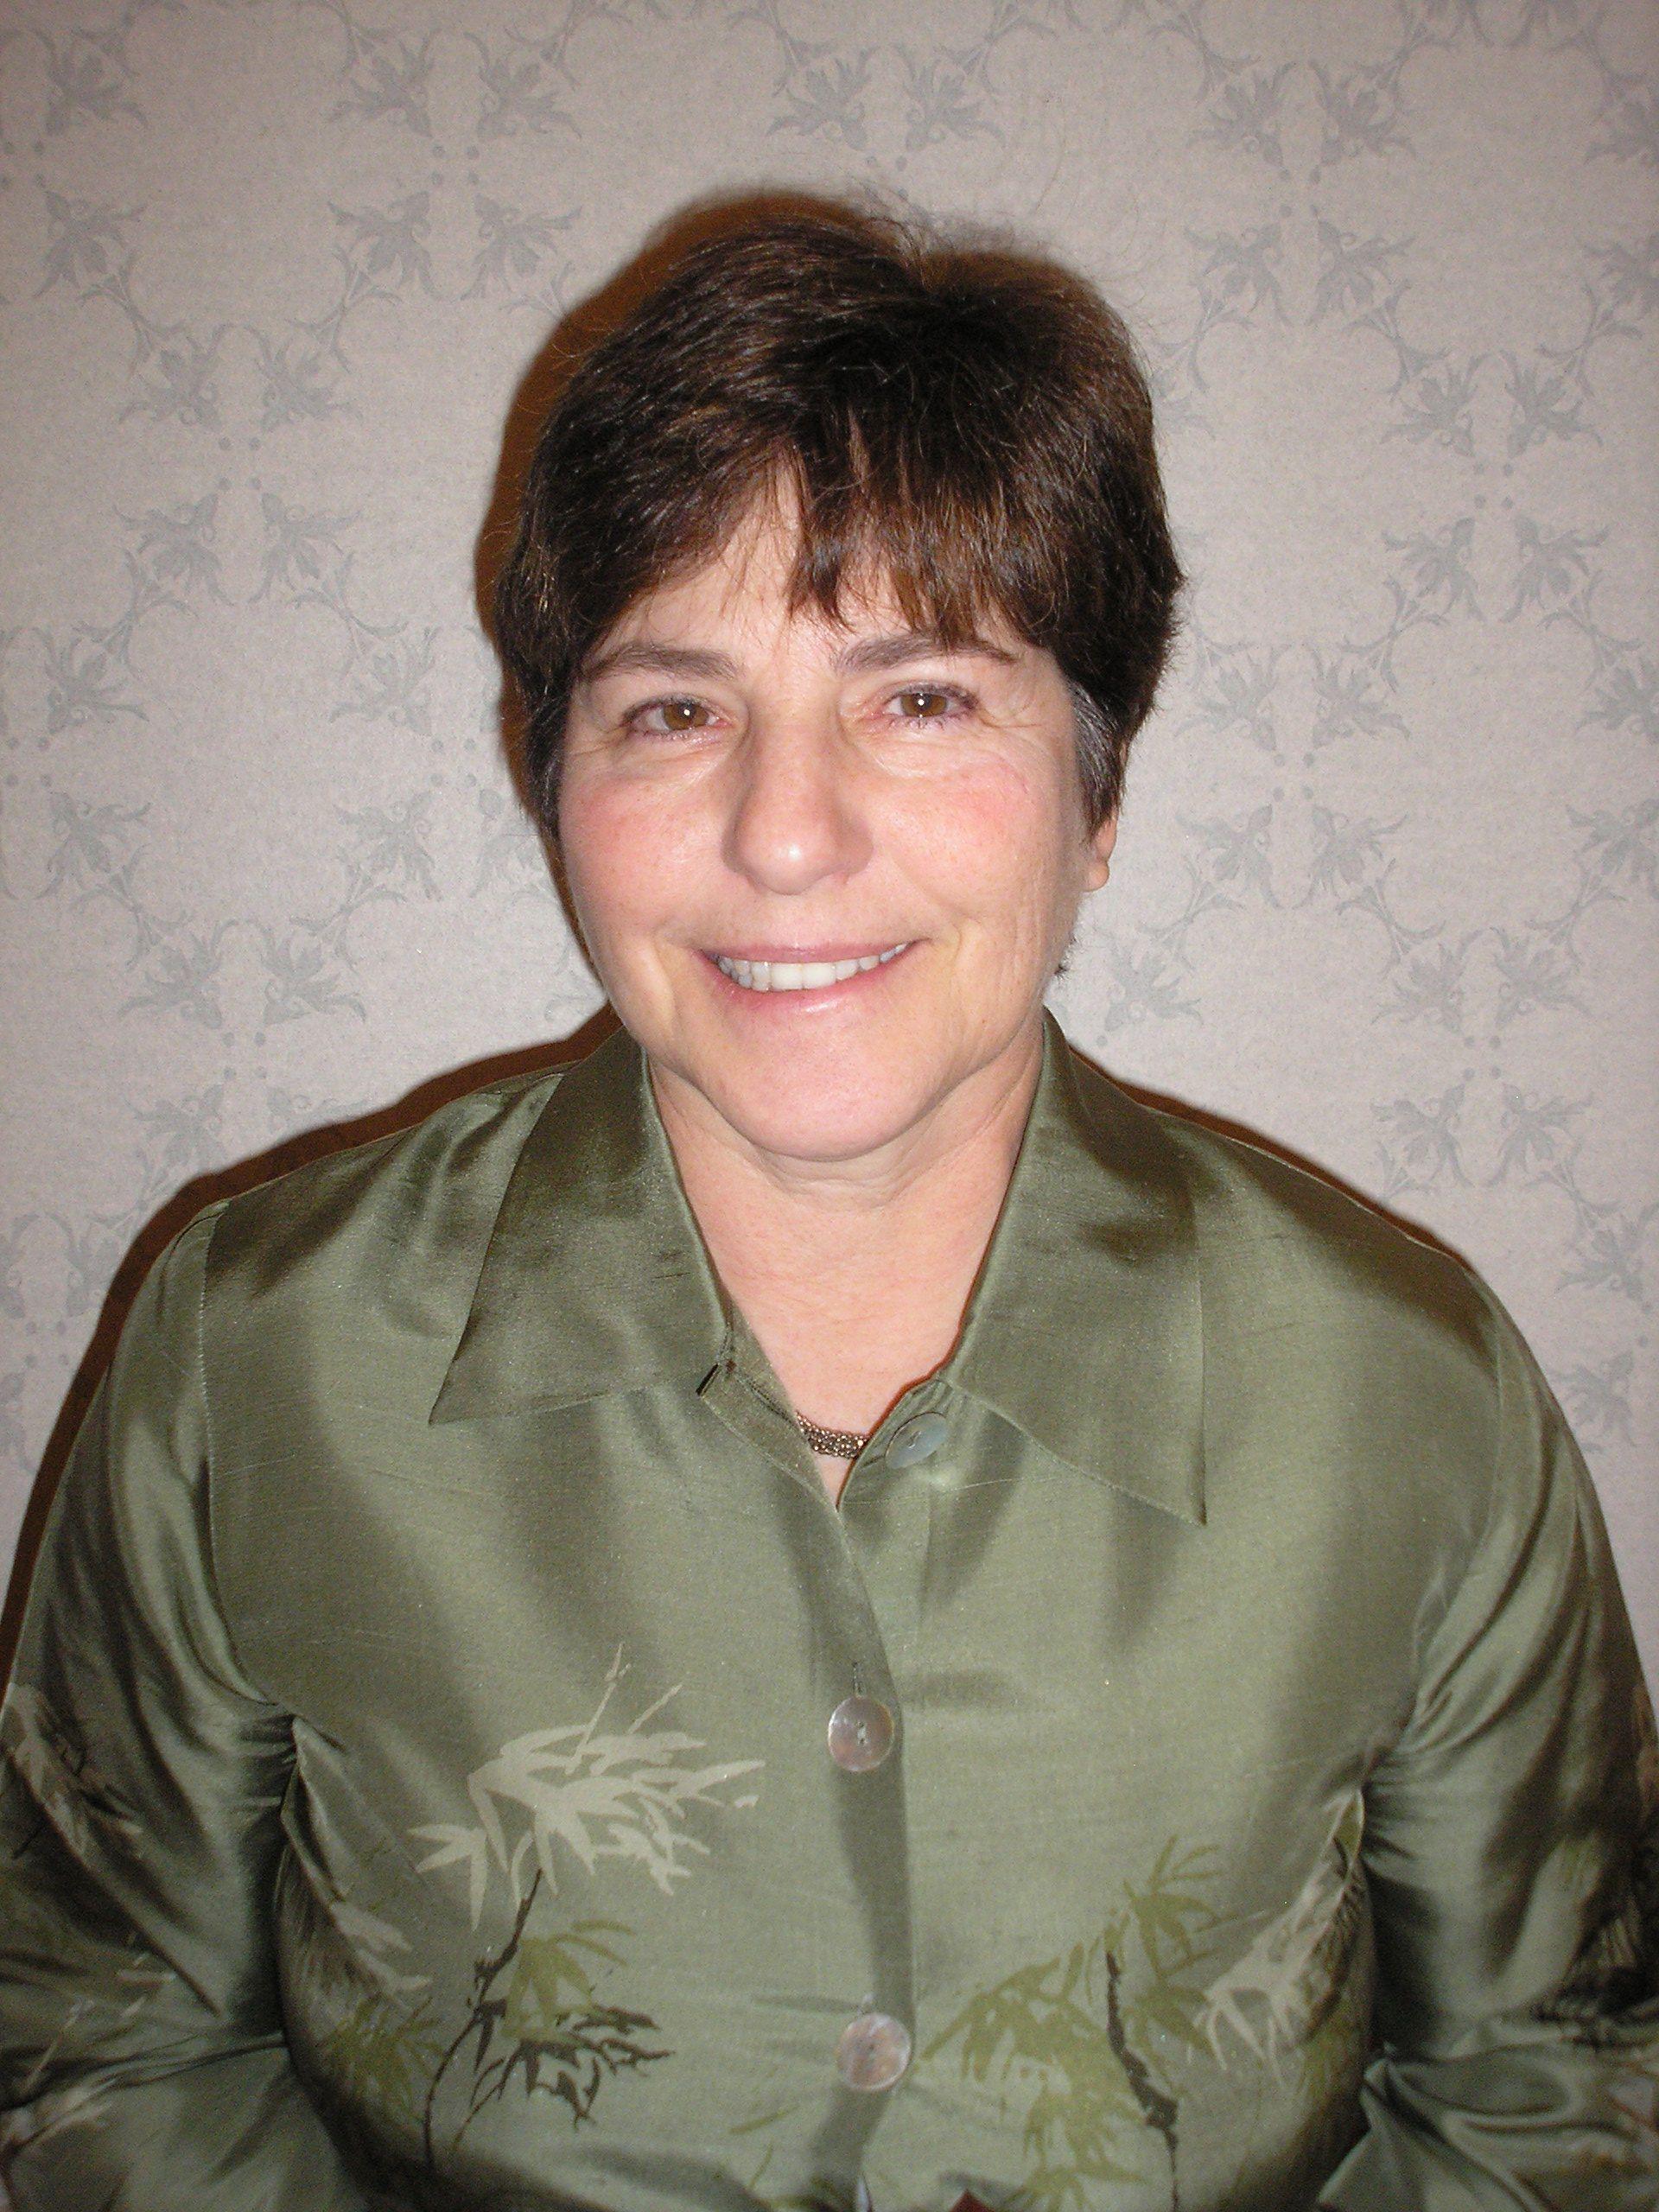 Janet Dzubow